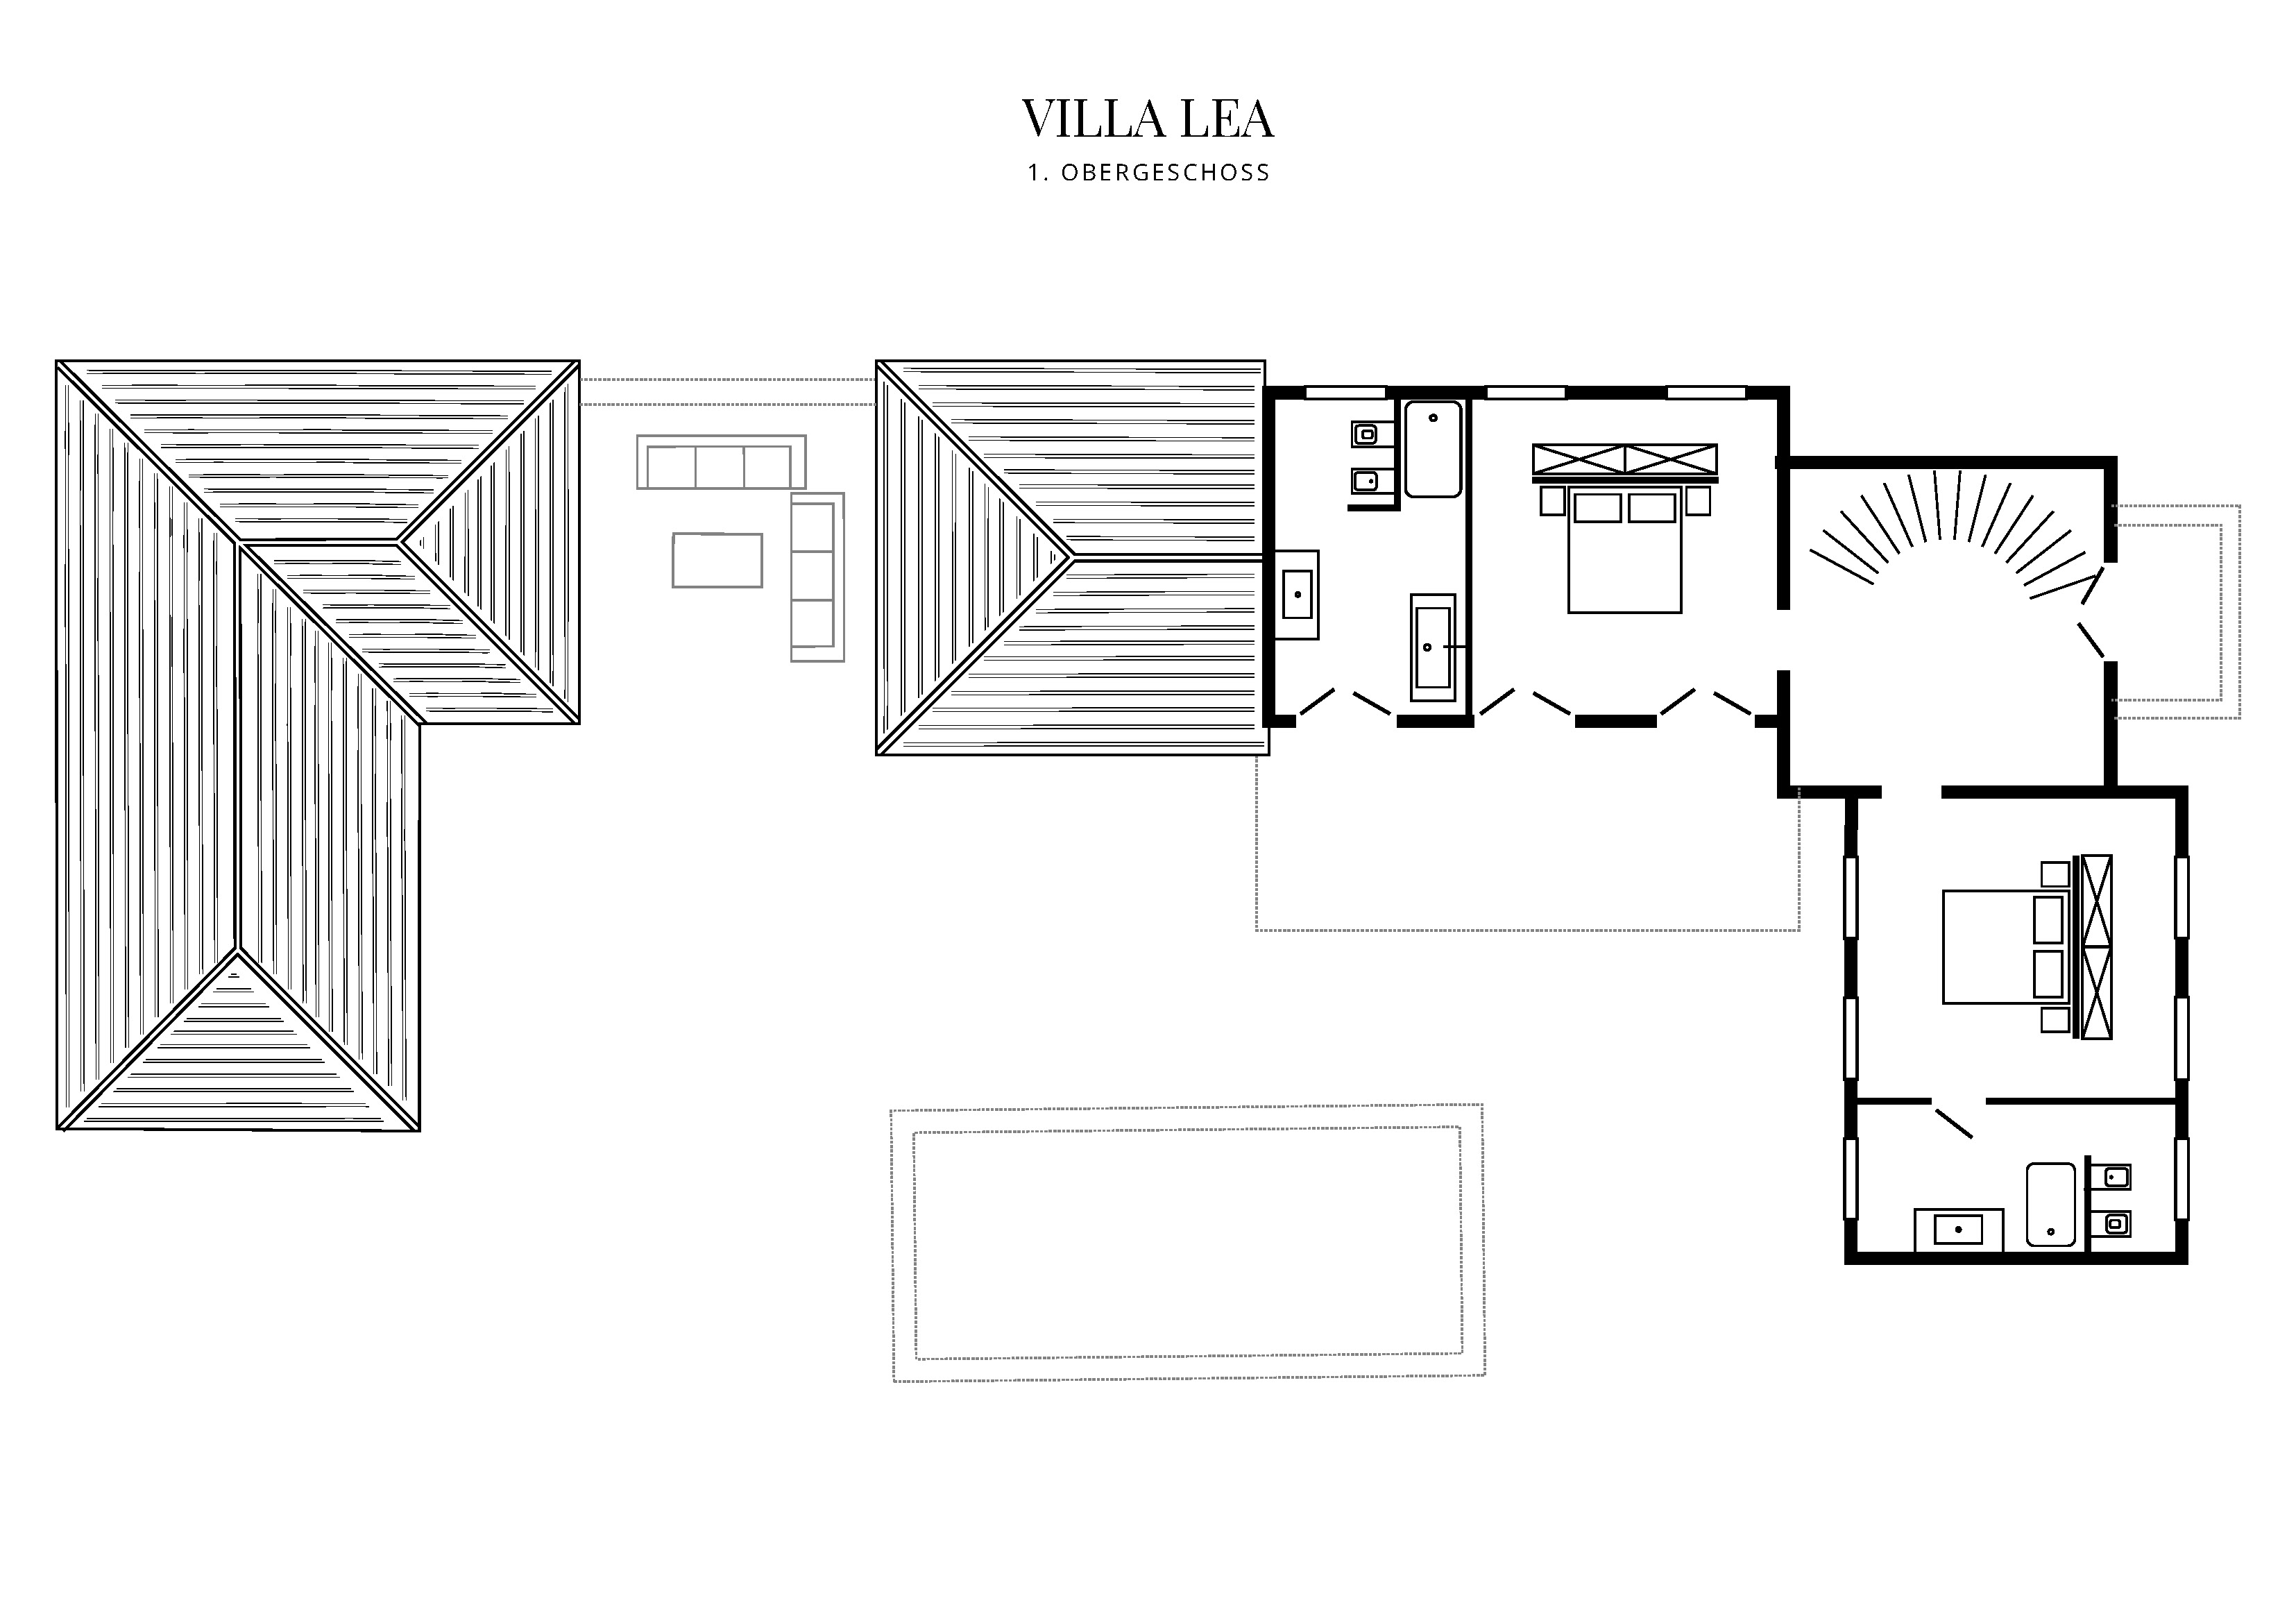 Grafik Grundriss Obergeschoss Villa Lea